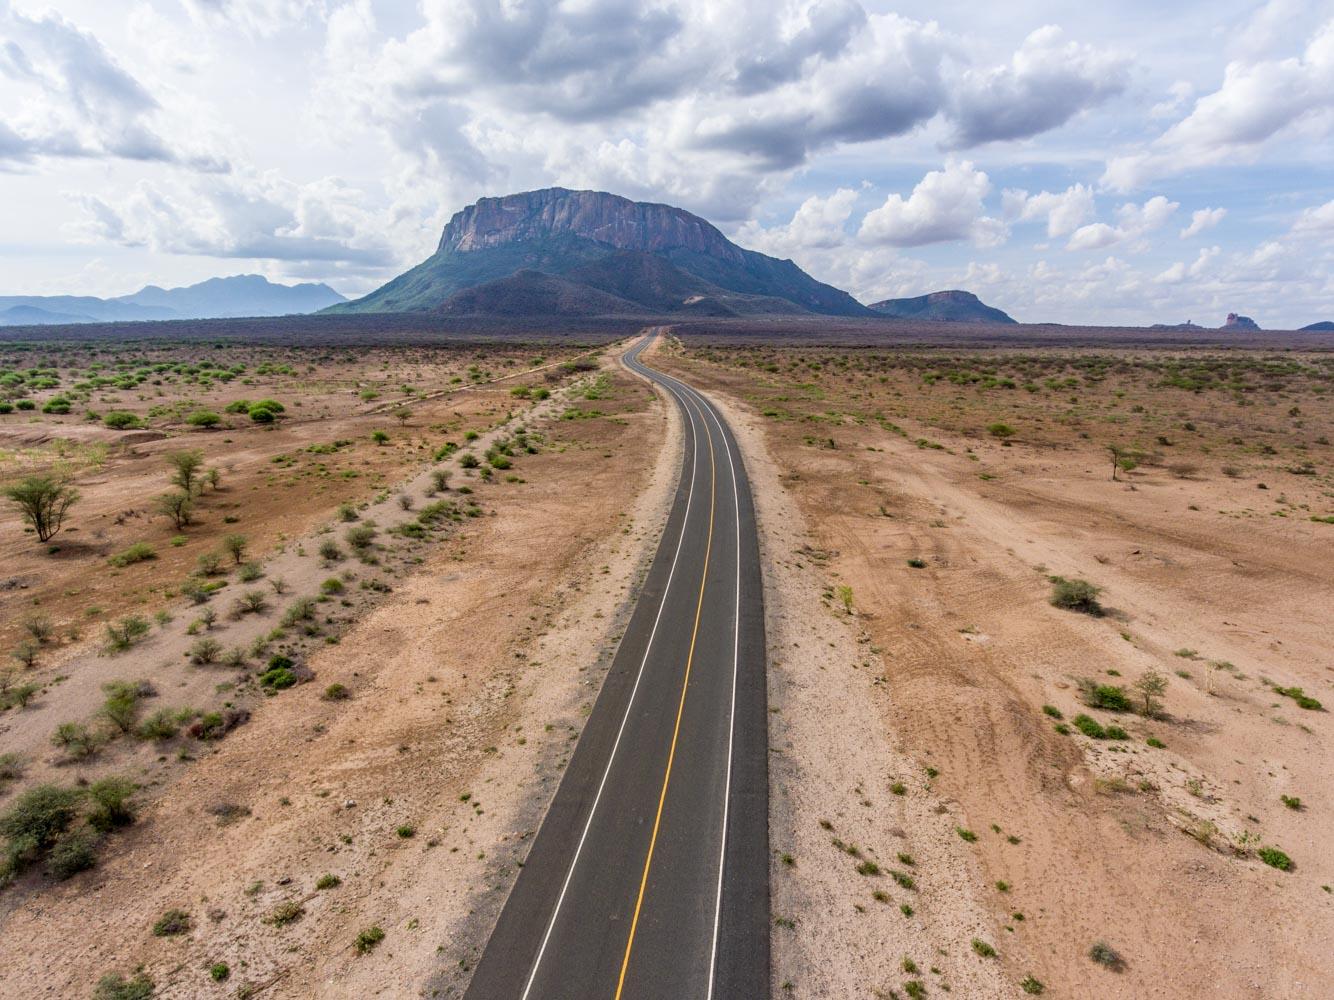 Mount Ololokwe